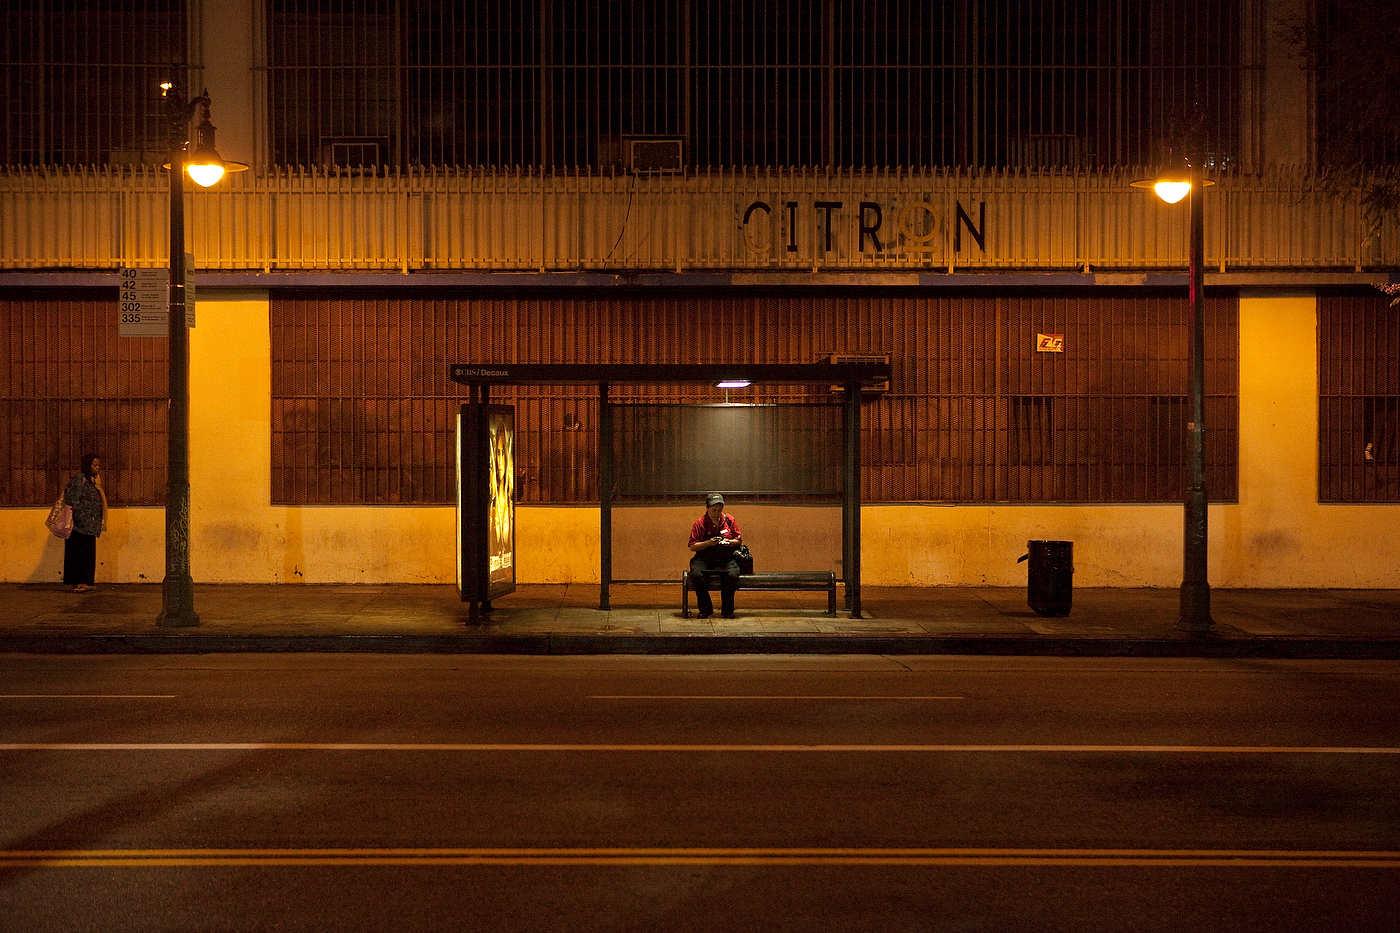 DOWNTOWN LOS ANGELES, CALIFORNIE, LE 11 MAI 2011: Vers minuit, une femme Latina employée de Mc Donald attend le bus 4, qui fonctionne 24h/24, au coin de Venice et Broadway. Malgrès un effort de revitalisation en partie réussi et la naissance de quelques quartiers branchés, une grande partie de downtown LA est vide la nuit. En l'absence de traffic, les bus y roulent sans encombre, fréquenté principalement par de travailleurs Latinos et des SDF. La majorité des usagers de transport public à Los Angeles sont des travailleurs Latinos pauvres (photo Gilles Mingasson pour Le Monde2).